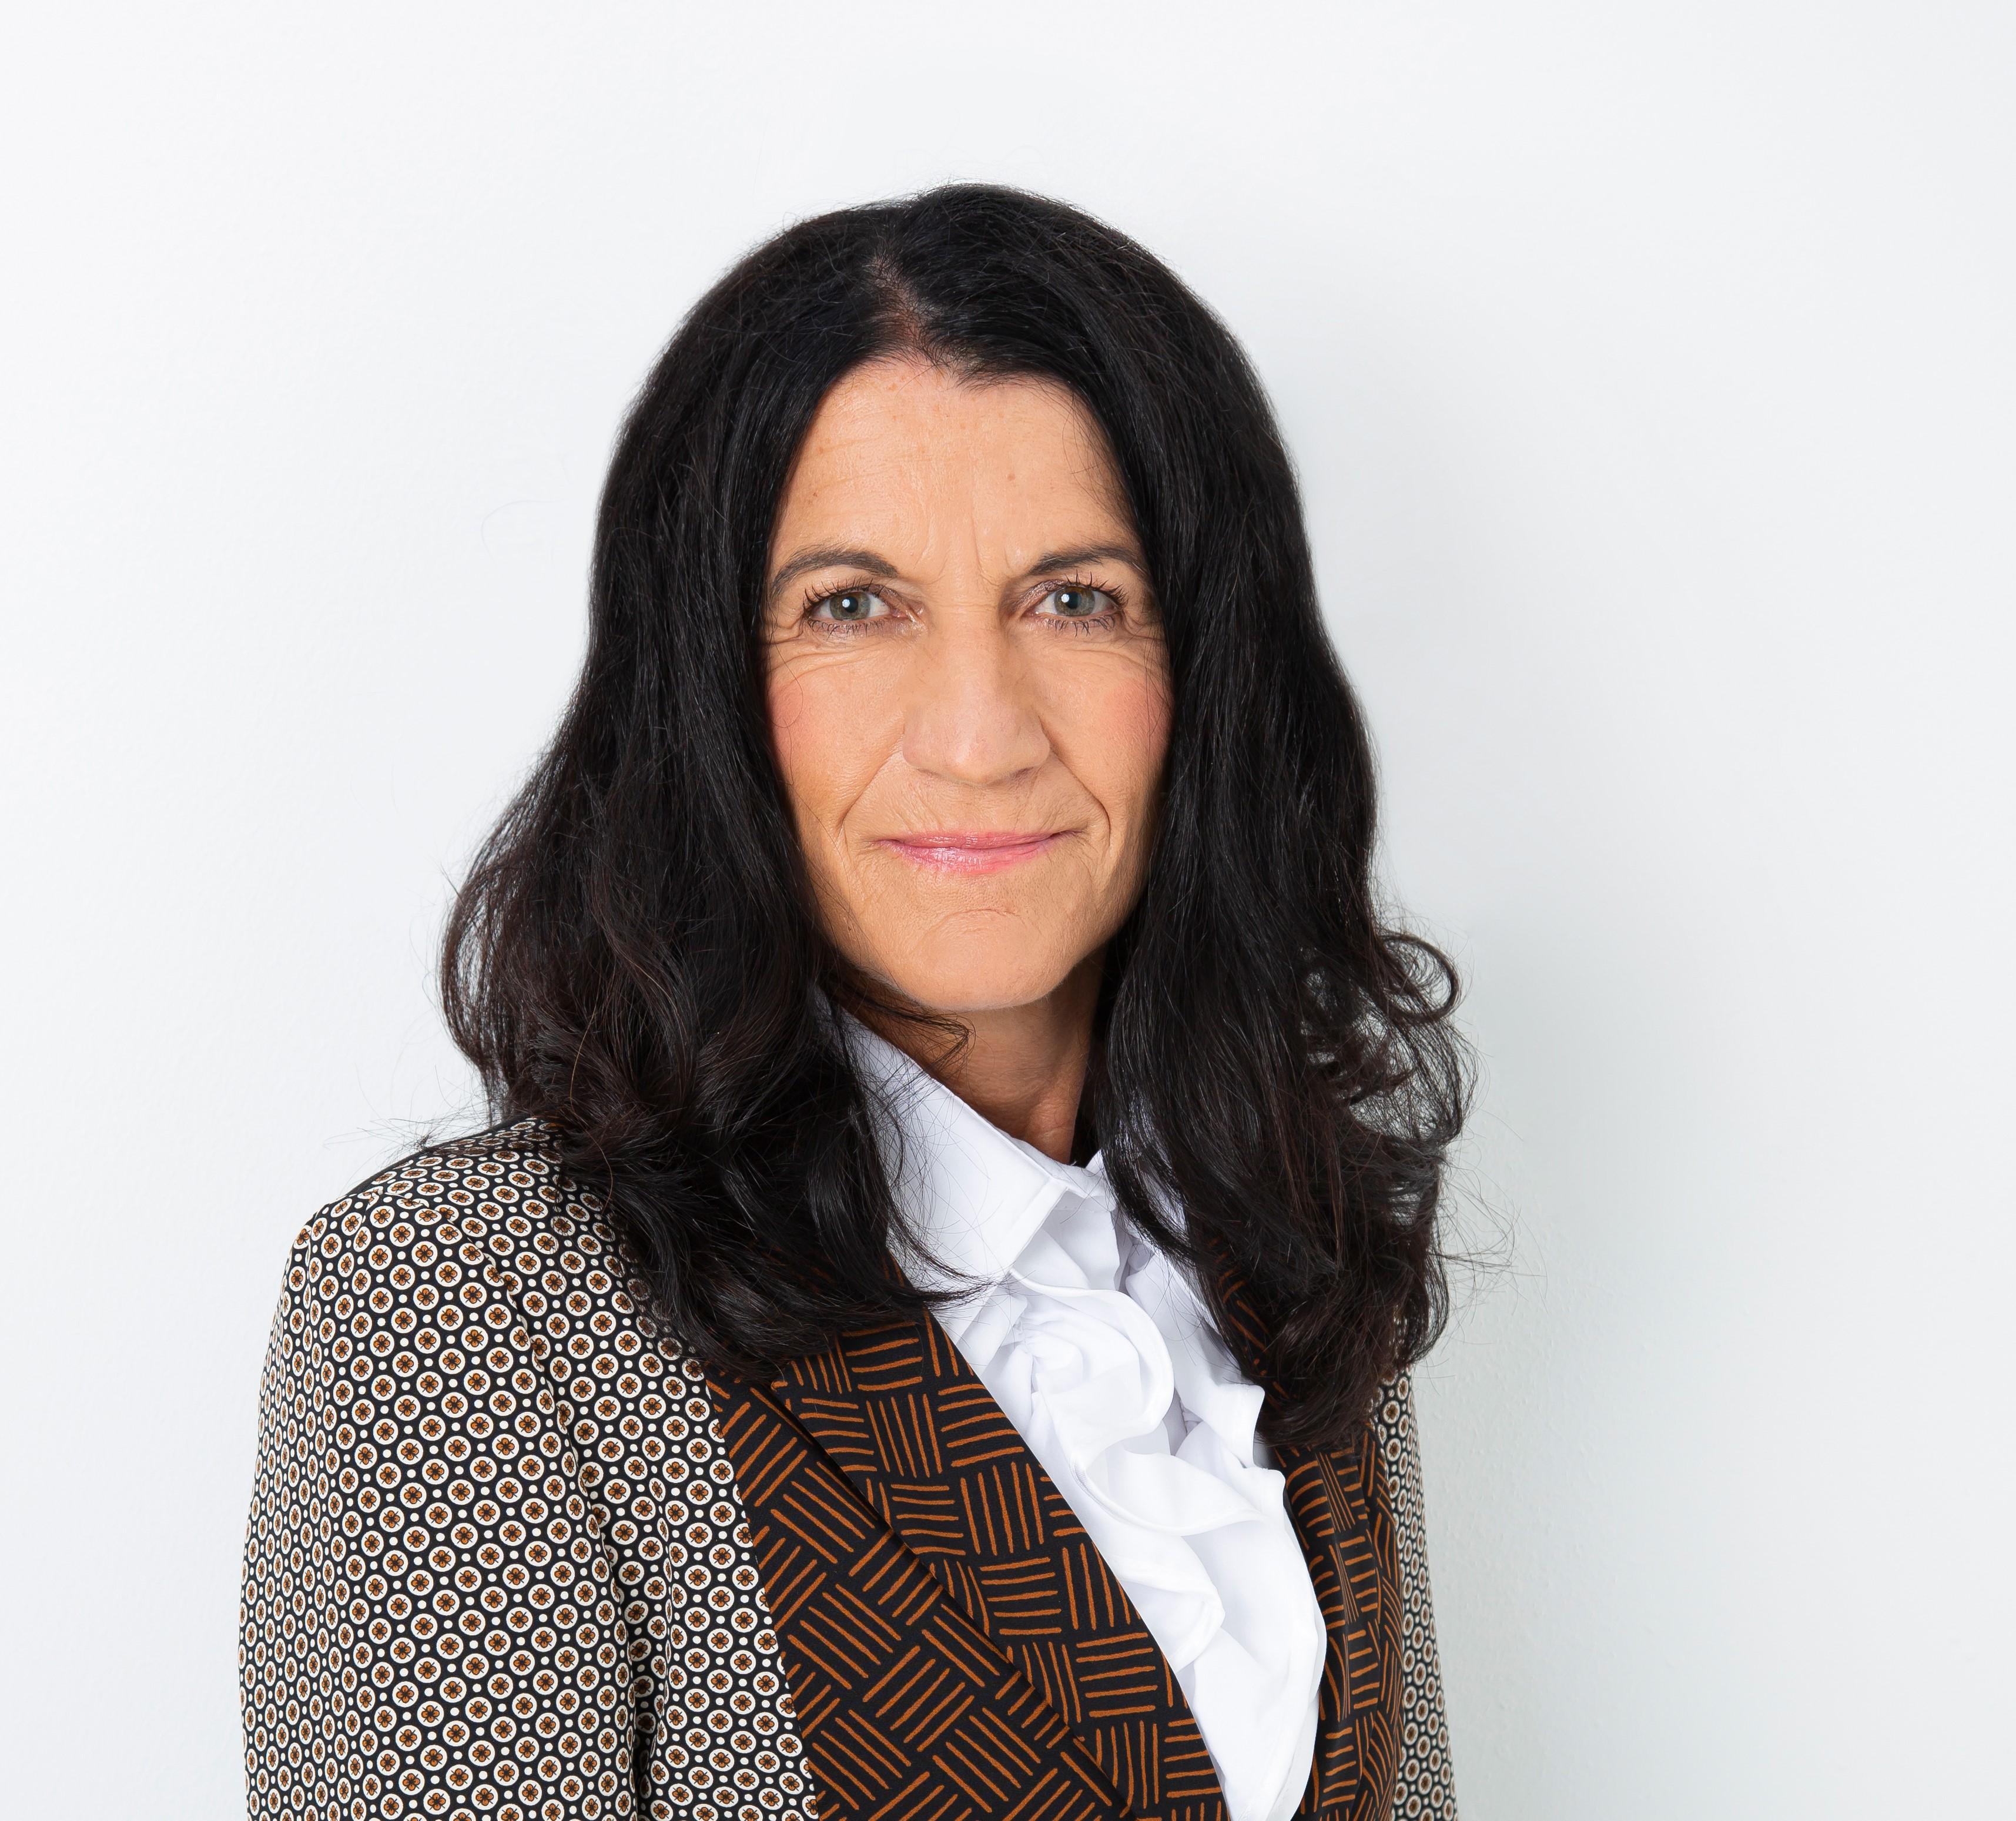 Stadträtin Andrea Schmidt tritt an als  GRÜNE Oberbürgermeister-Kandidatin!